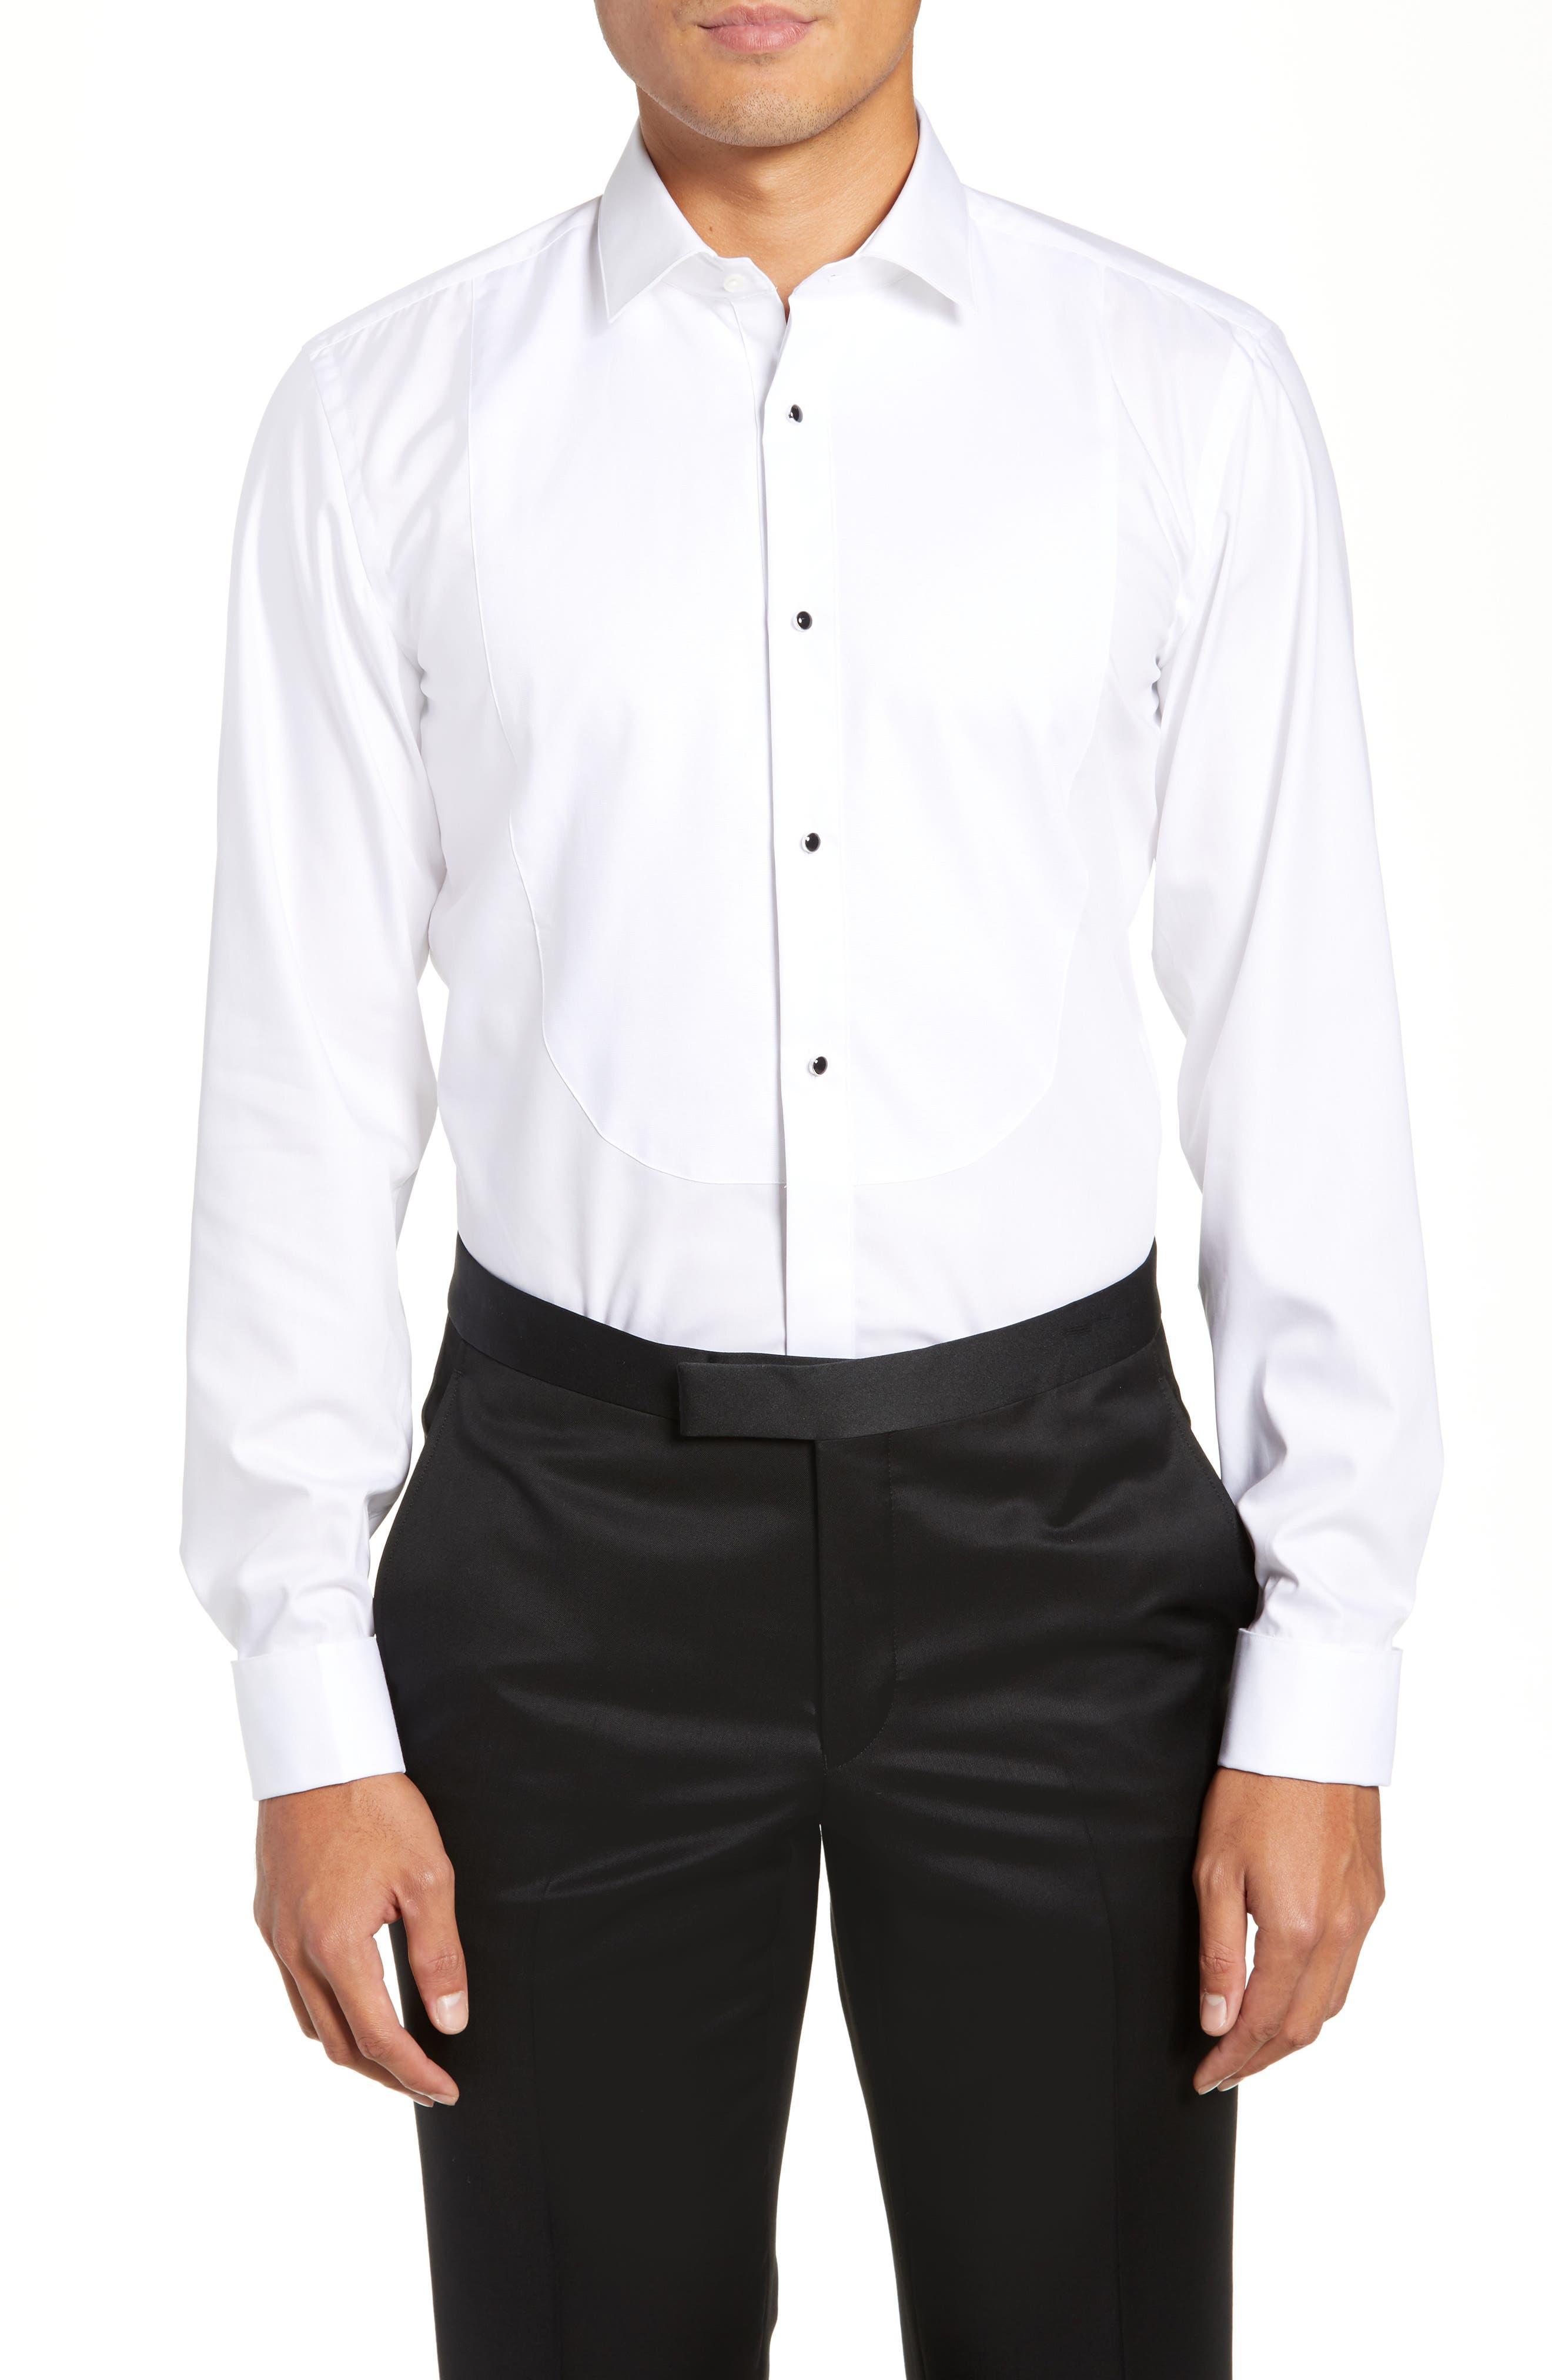 hugo boss tuxedo nordstrom1418460 Hugo Boss Tuxedo Shirt Nordstrom #2